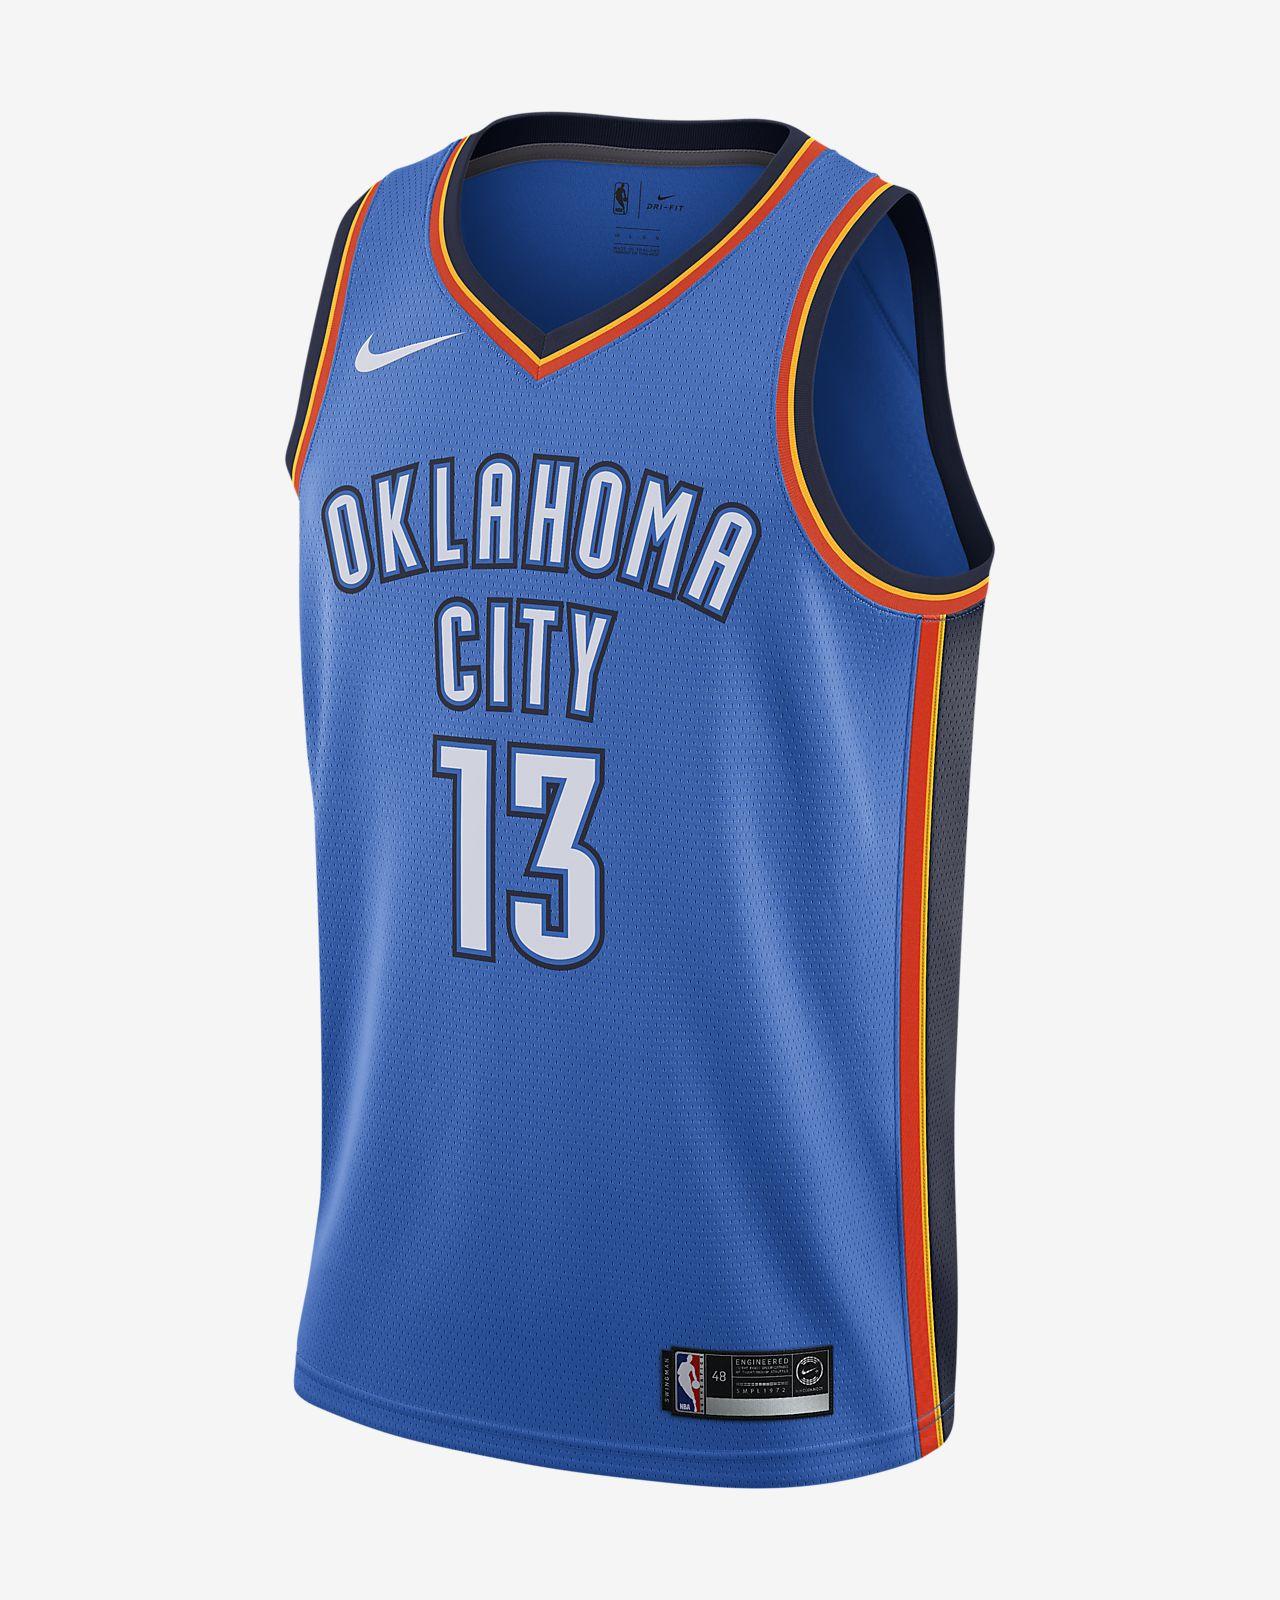 Pánský dres Nike NBA Connected Paul George Icon Edition Swingman (Oklahoma City Thunder)